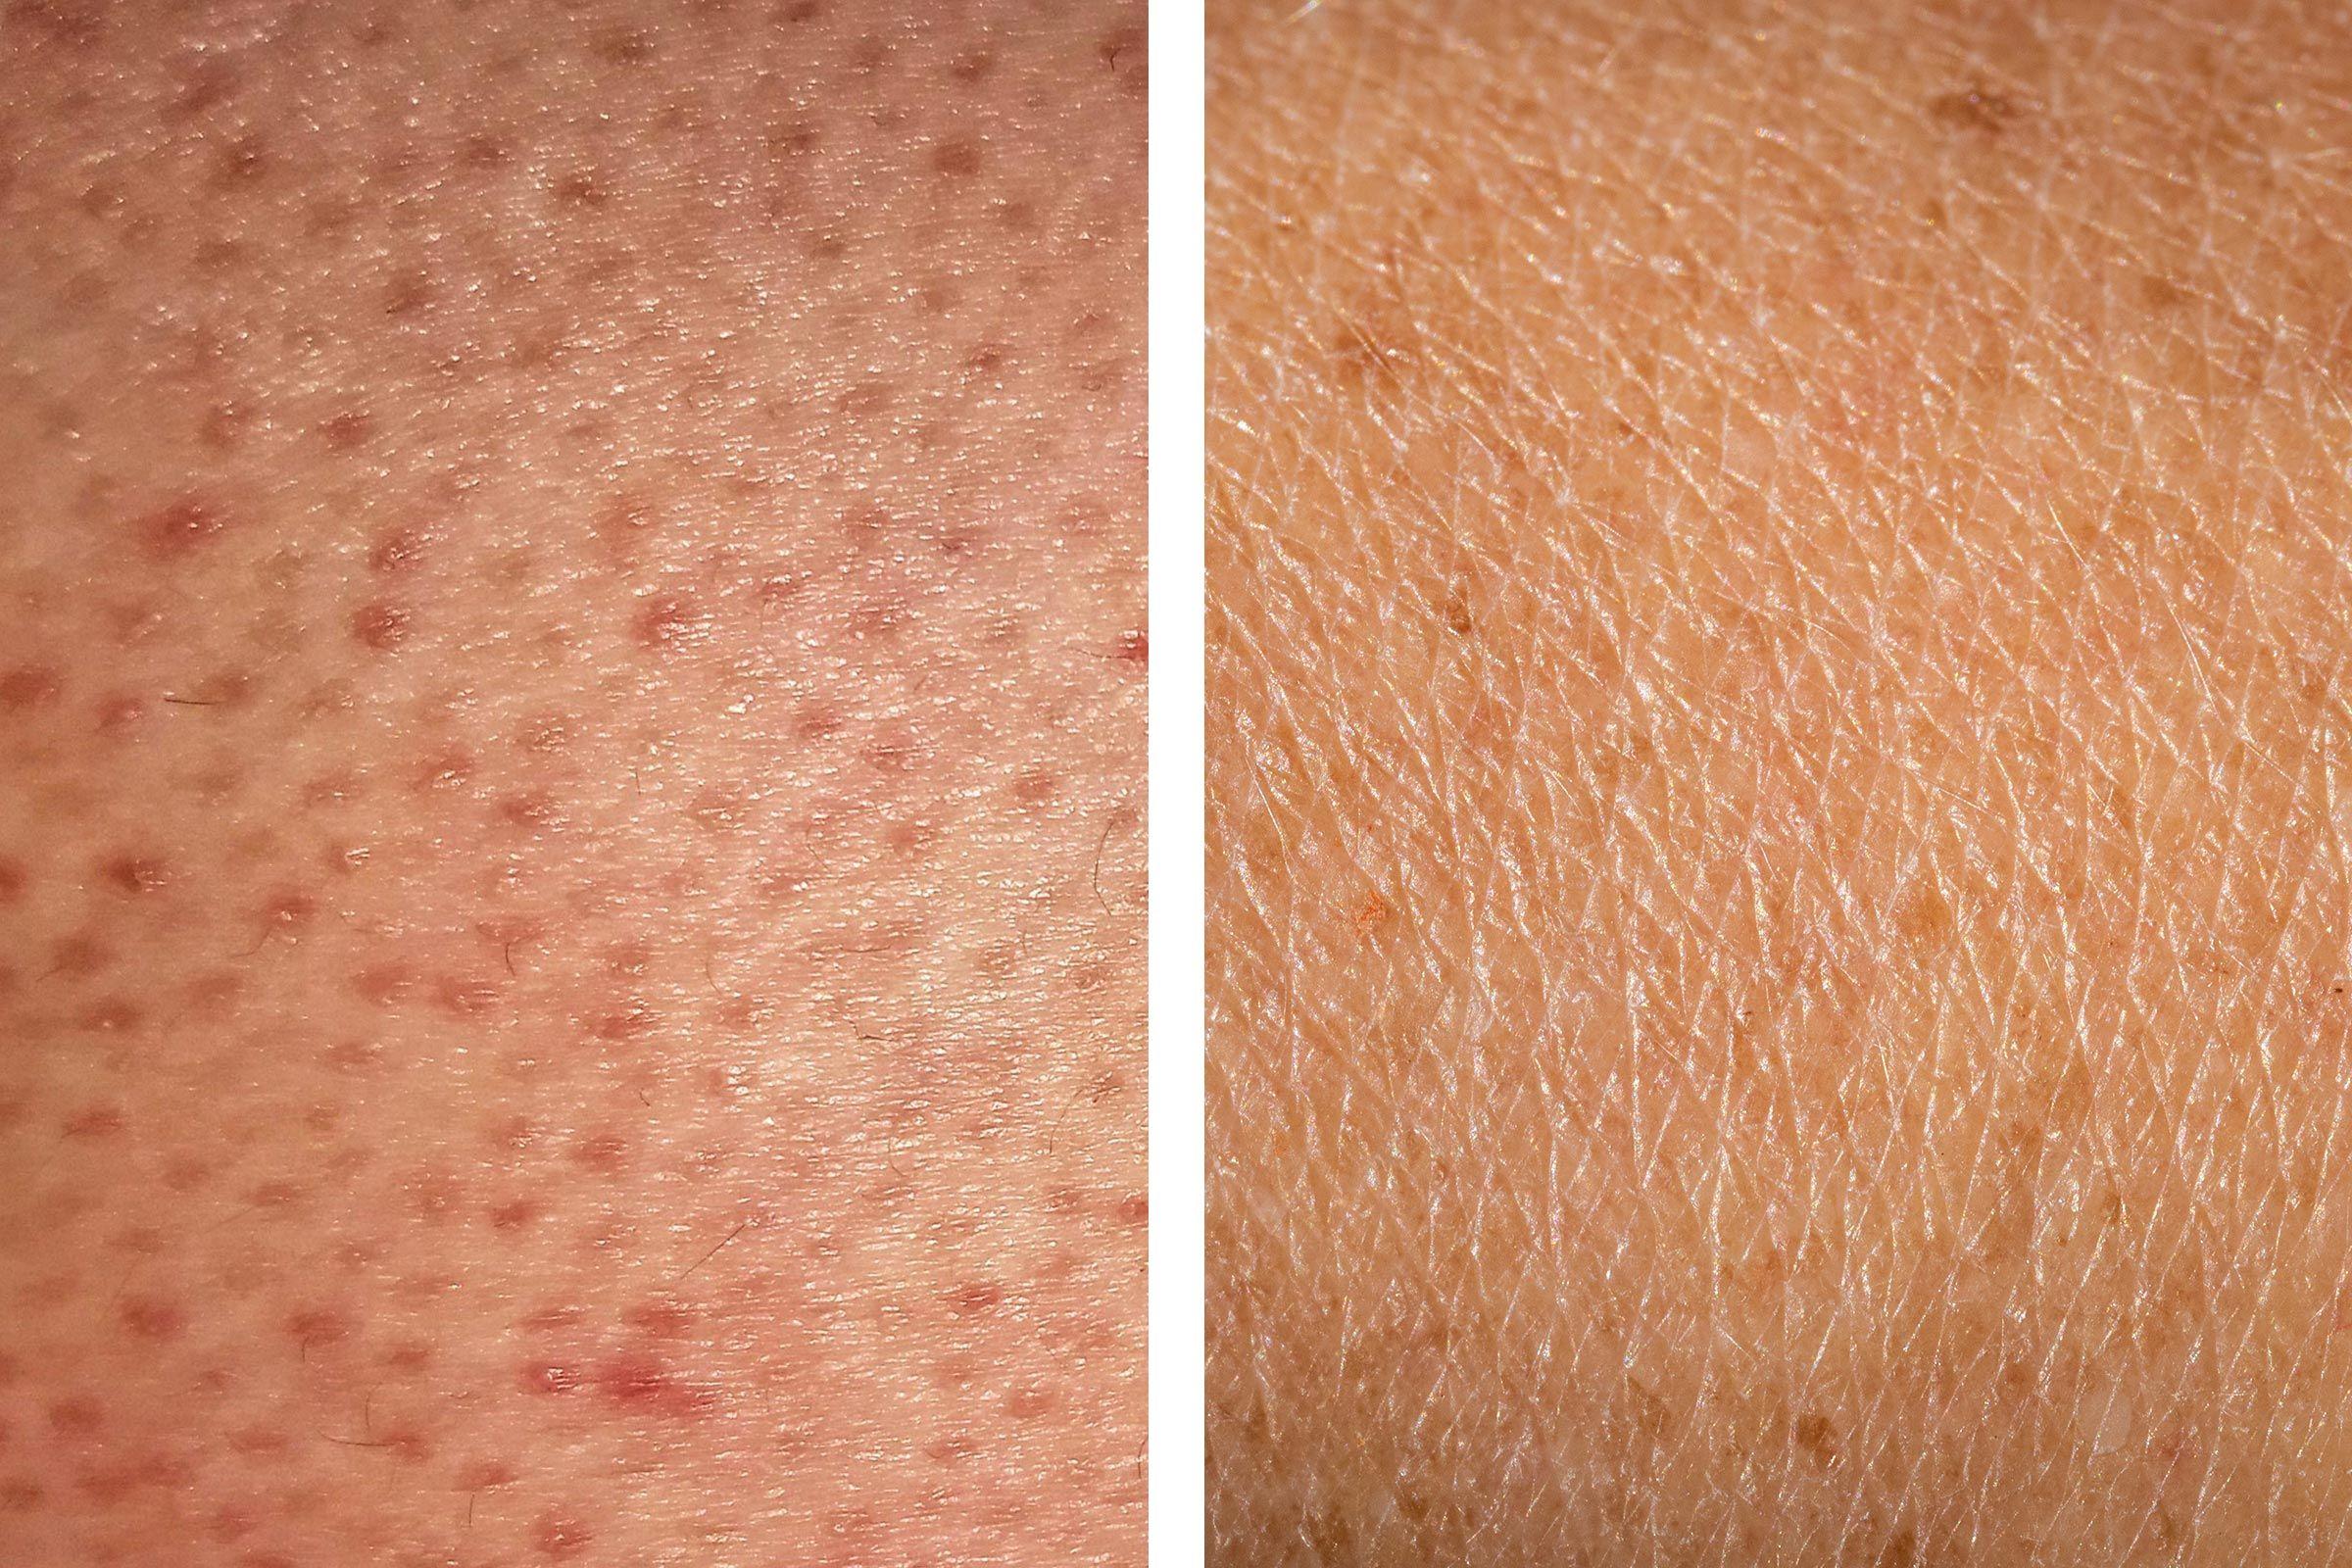 04f67c14ed36e9c738c2a814e1519494 - How To Get Rid Of Strawberry Spots On Legs